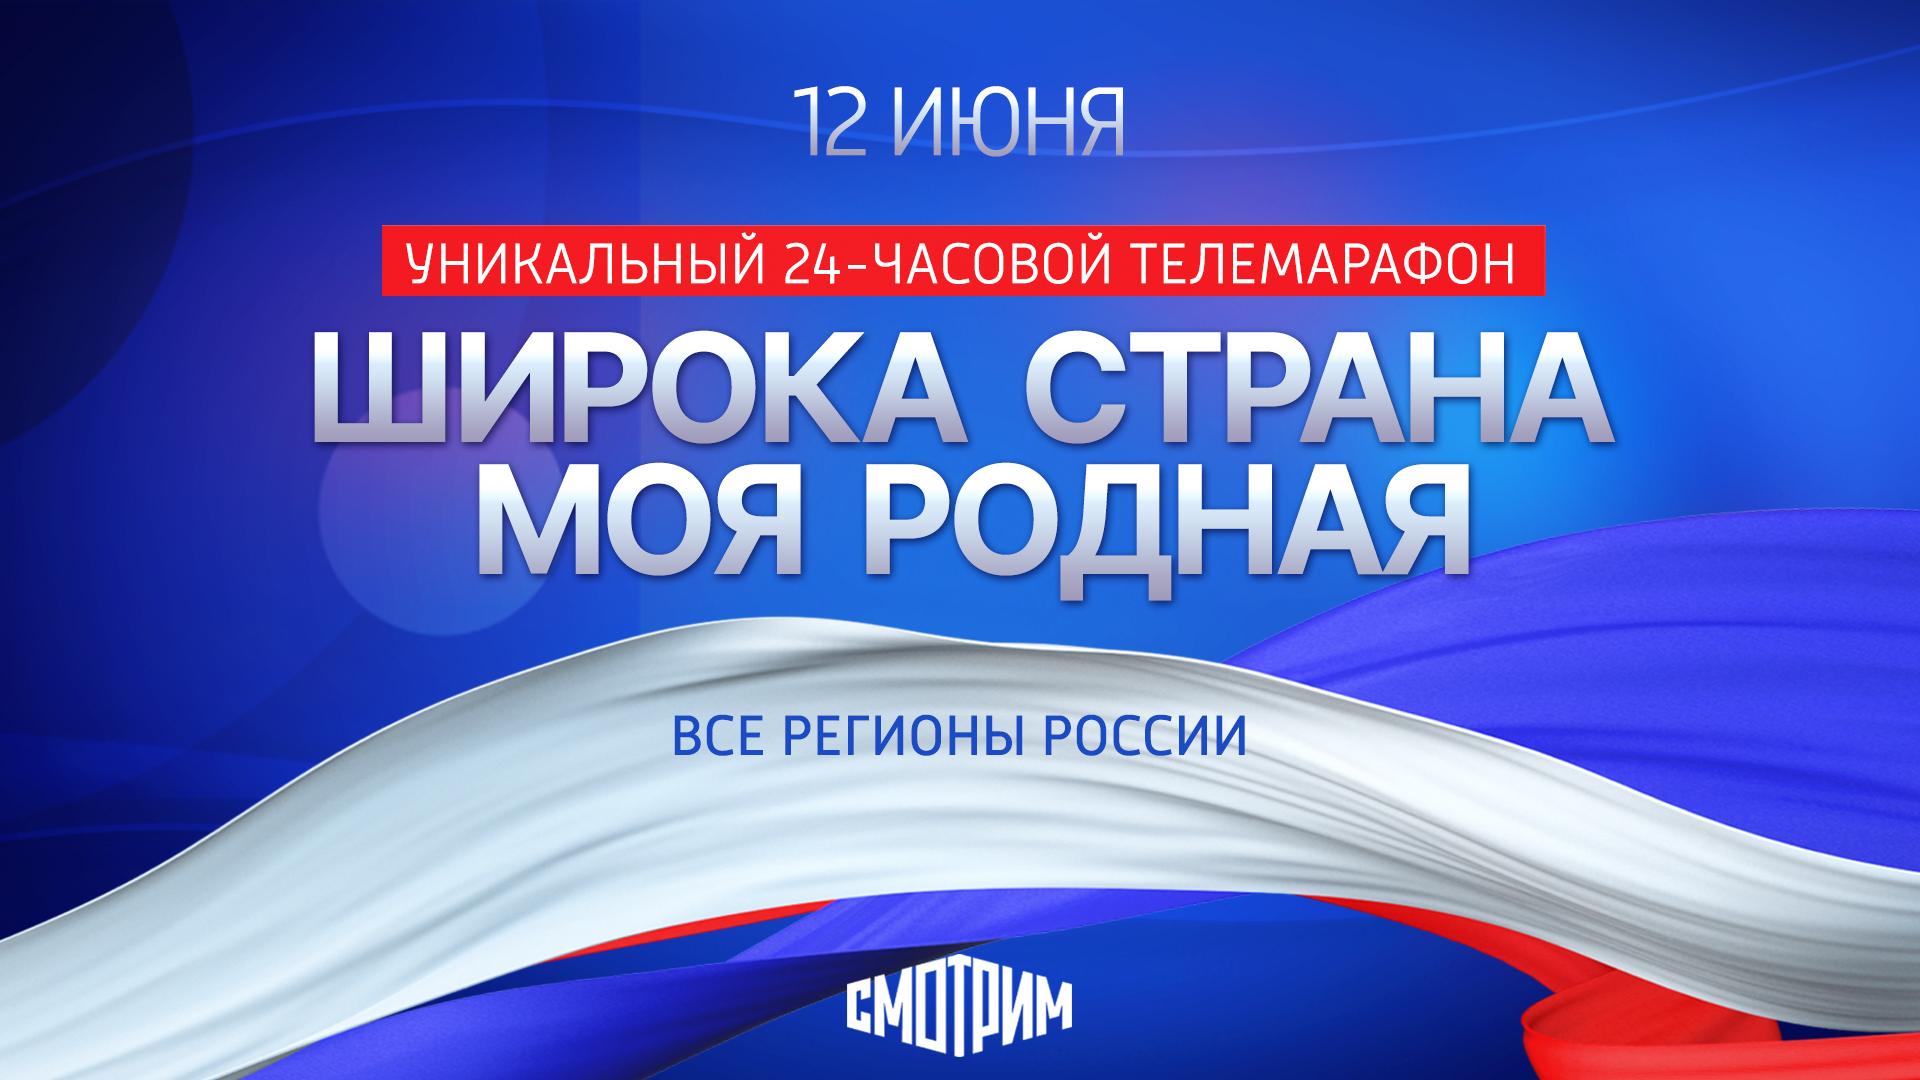 Телевизионный марафон «Широка страна моя родная» объединит всю Россию